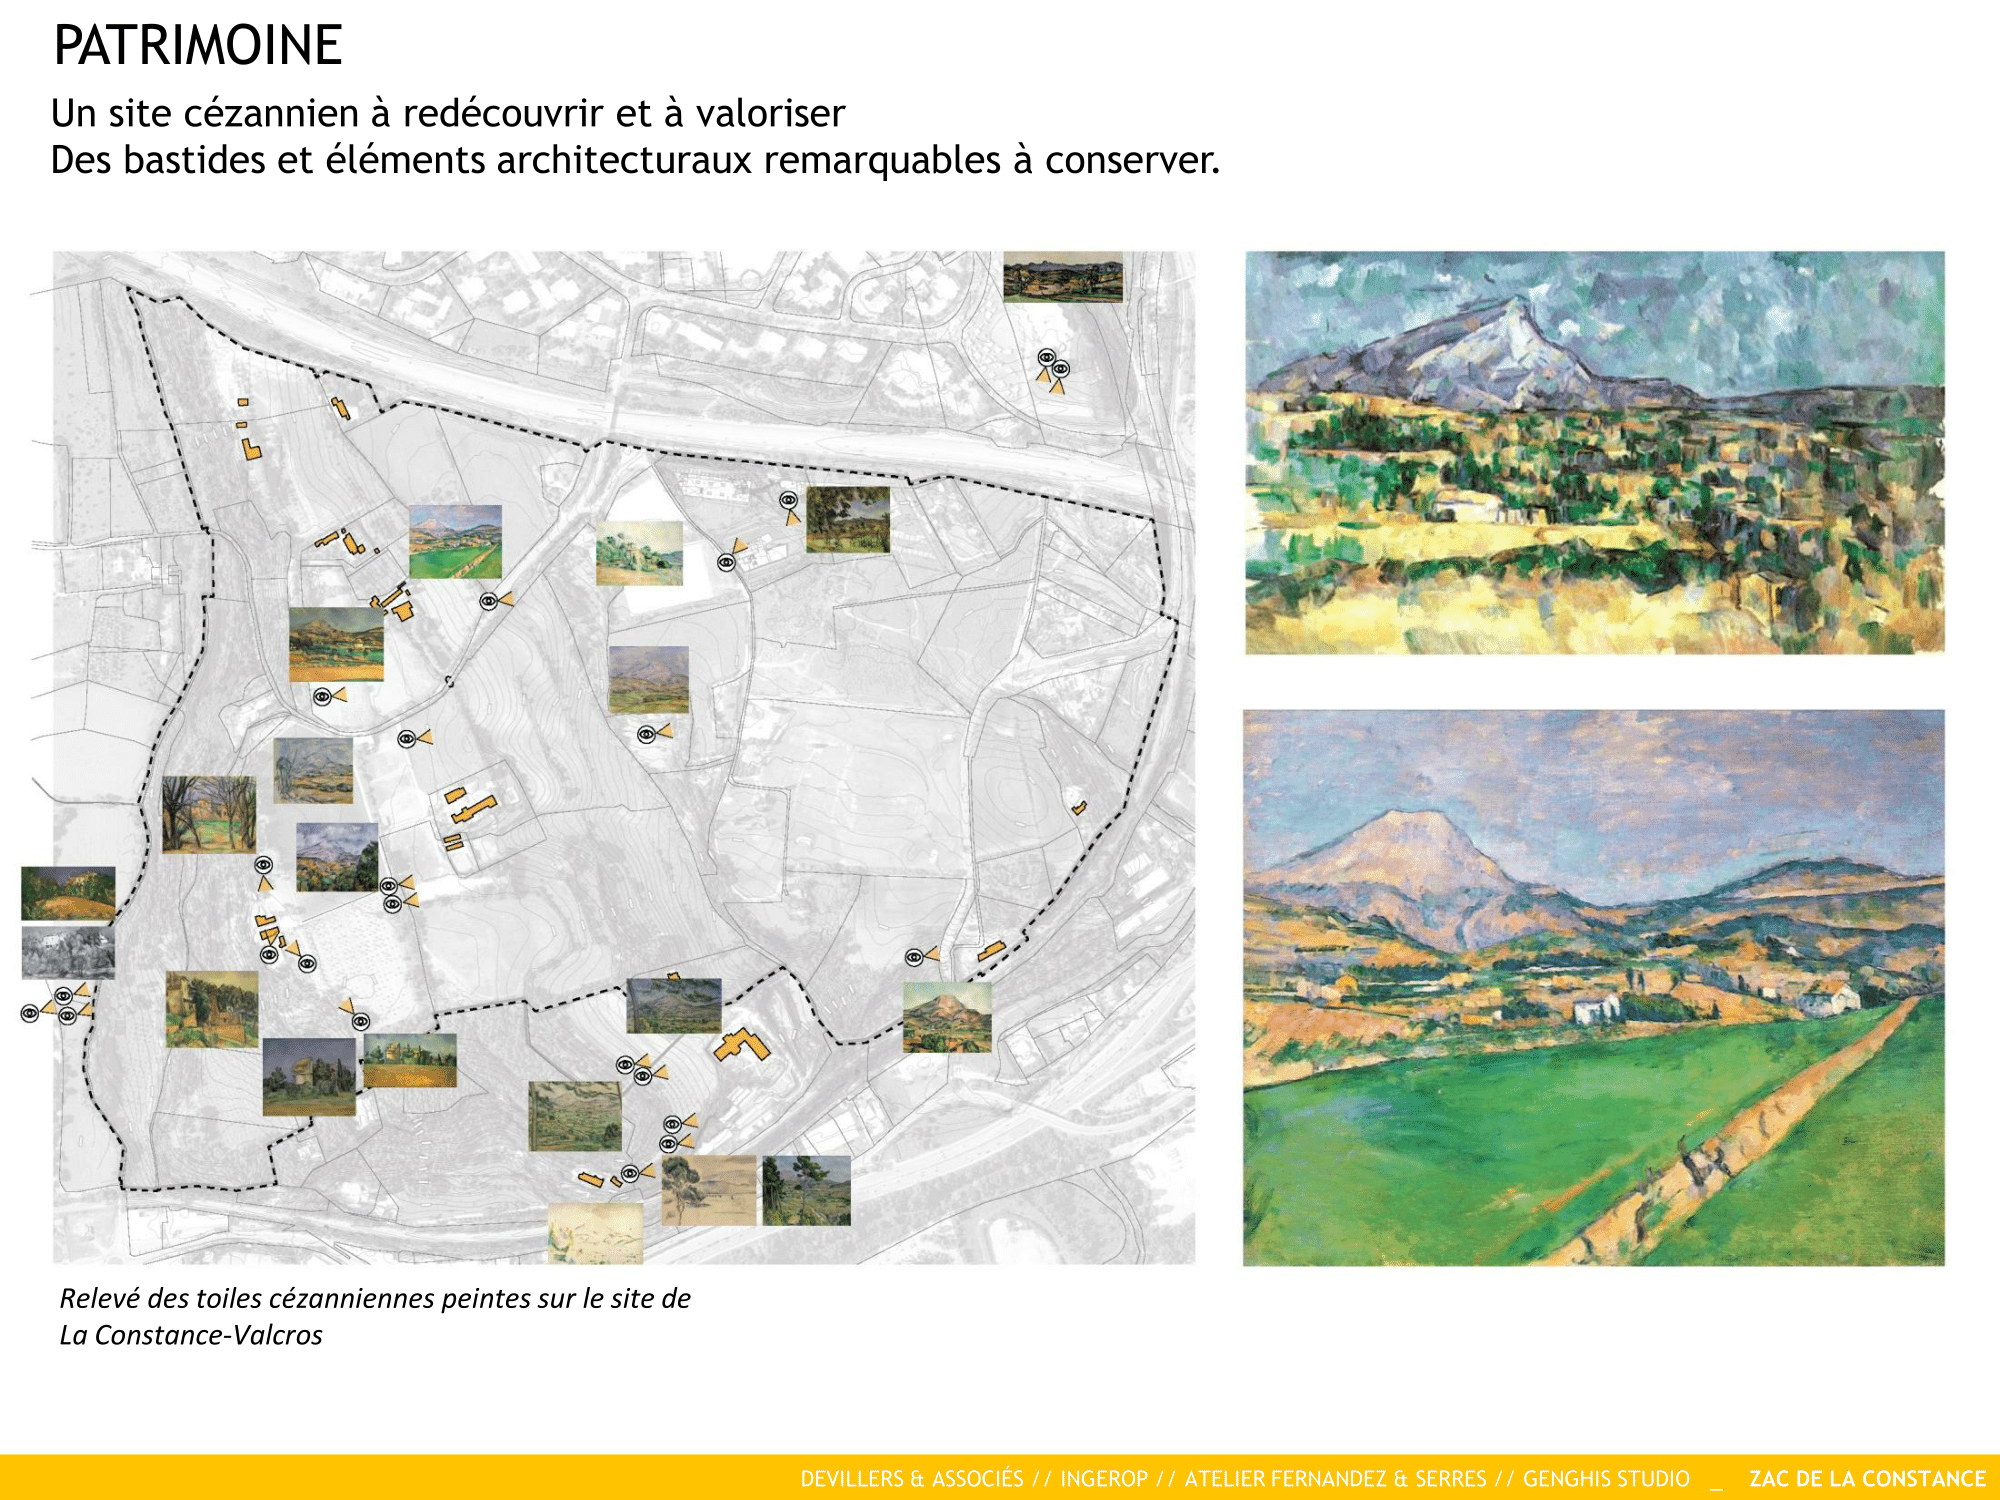 Patrimoine La Constance : un site cézannien